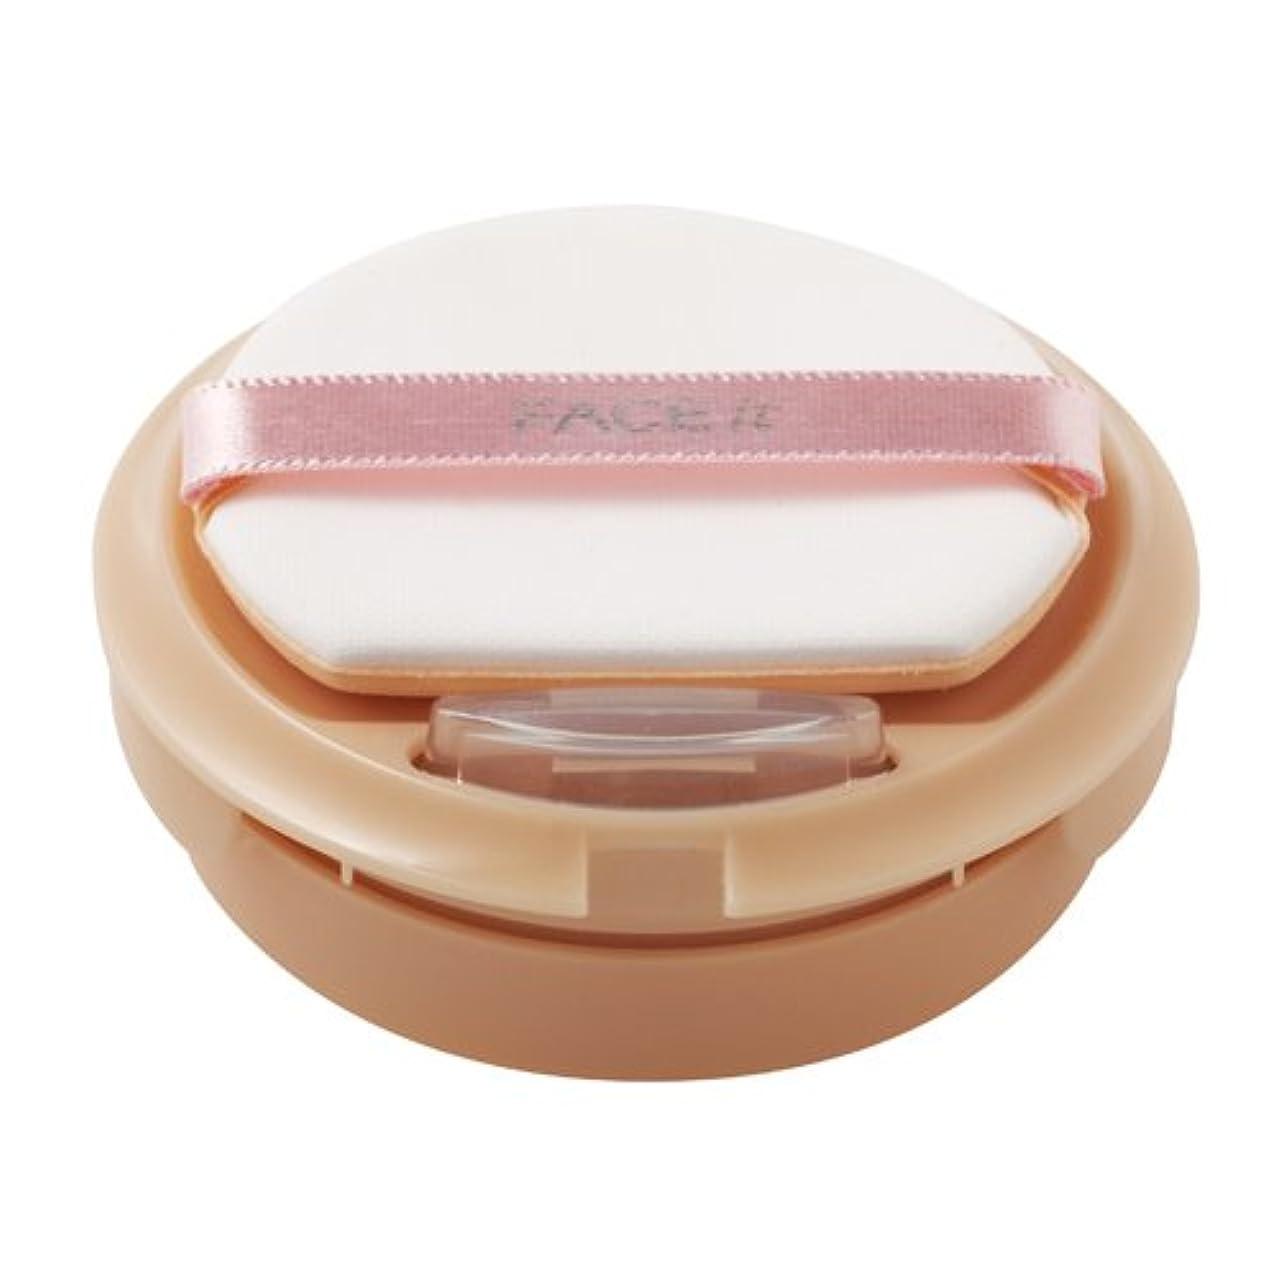 ペグ主にボックス[Refill] # 01 Radiant Beige THE FACE SHOP Face It Aura Color Control Cream ザフェイスショップ フェイスイット アウラ カラーコントロール クリーム...